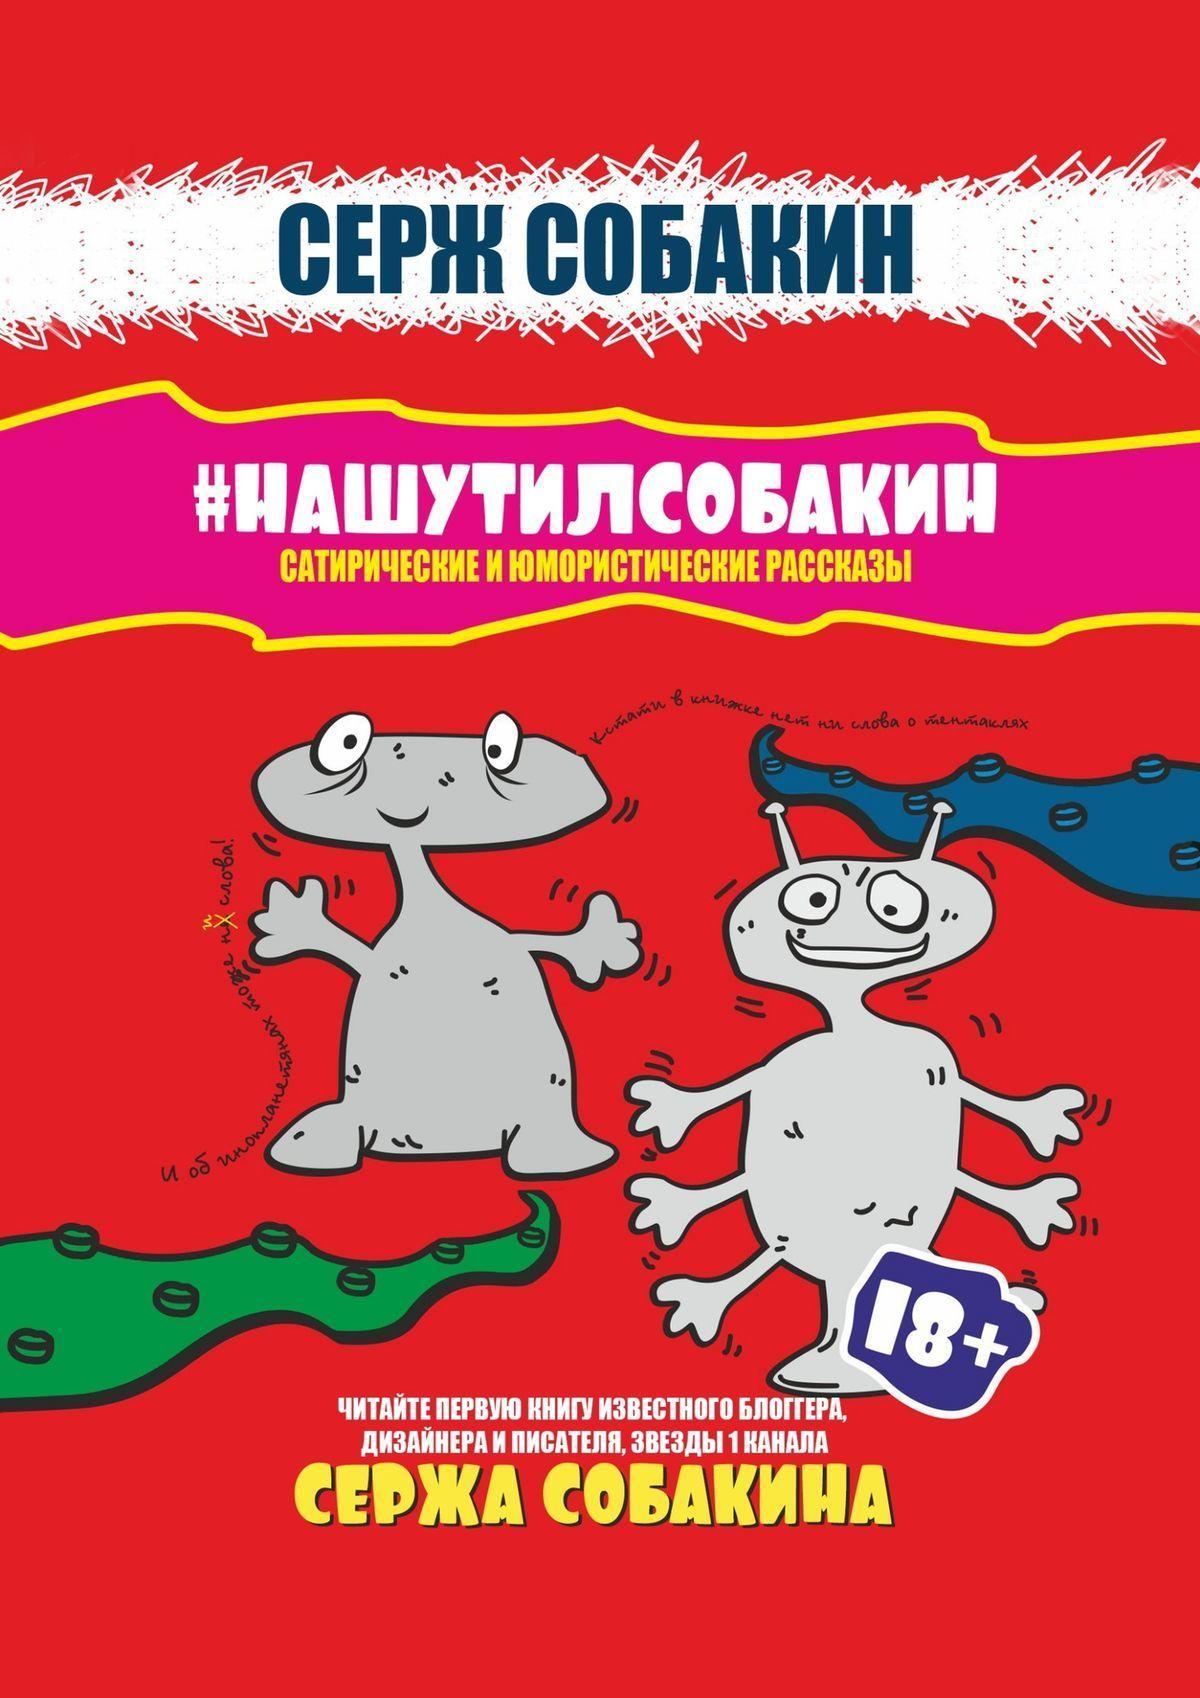 #НАШУТИЛСОБАКИН.